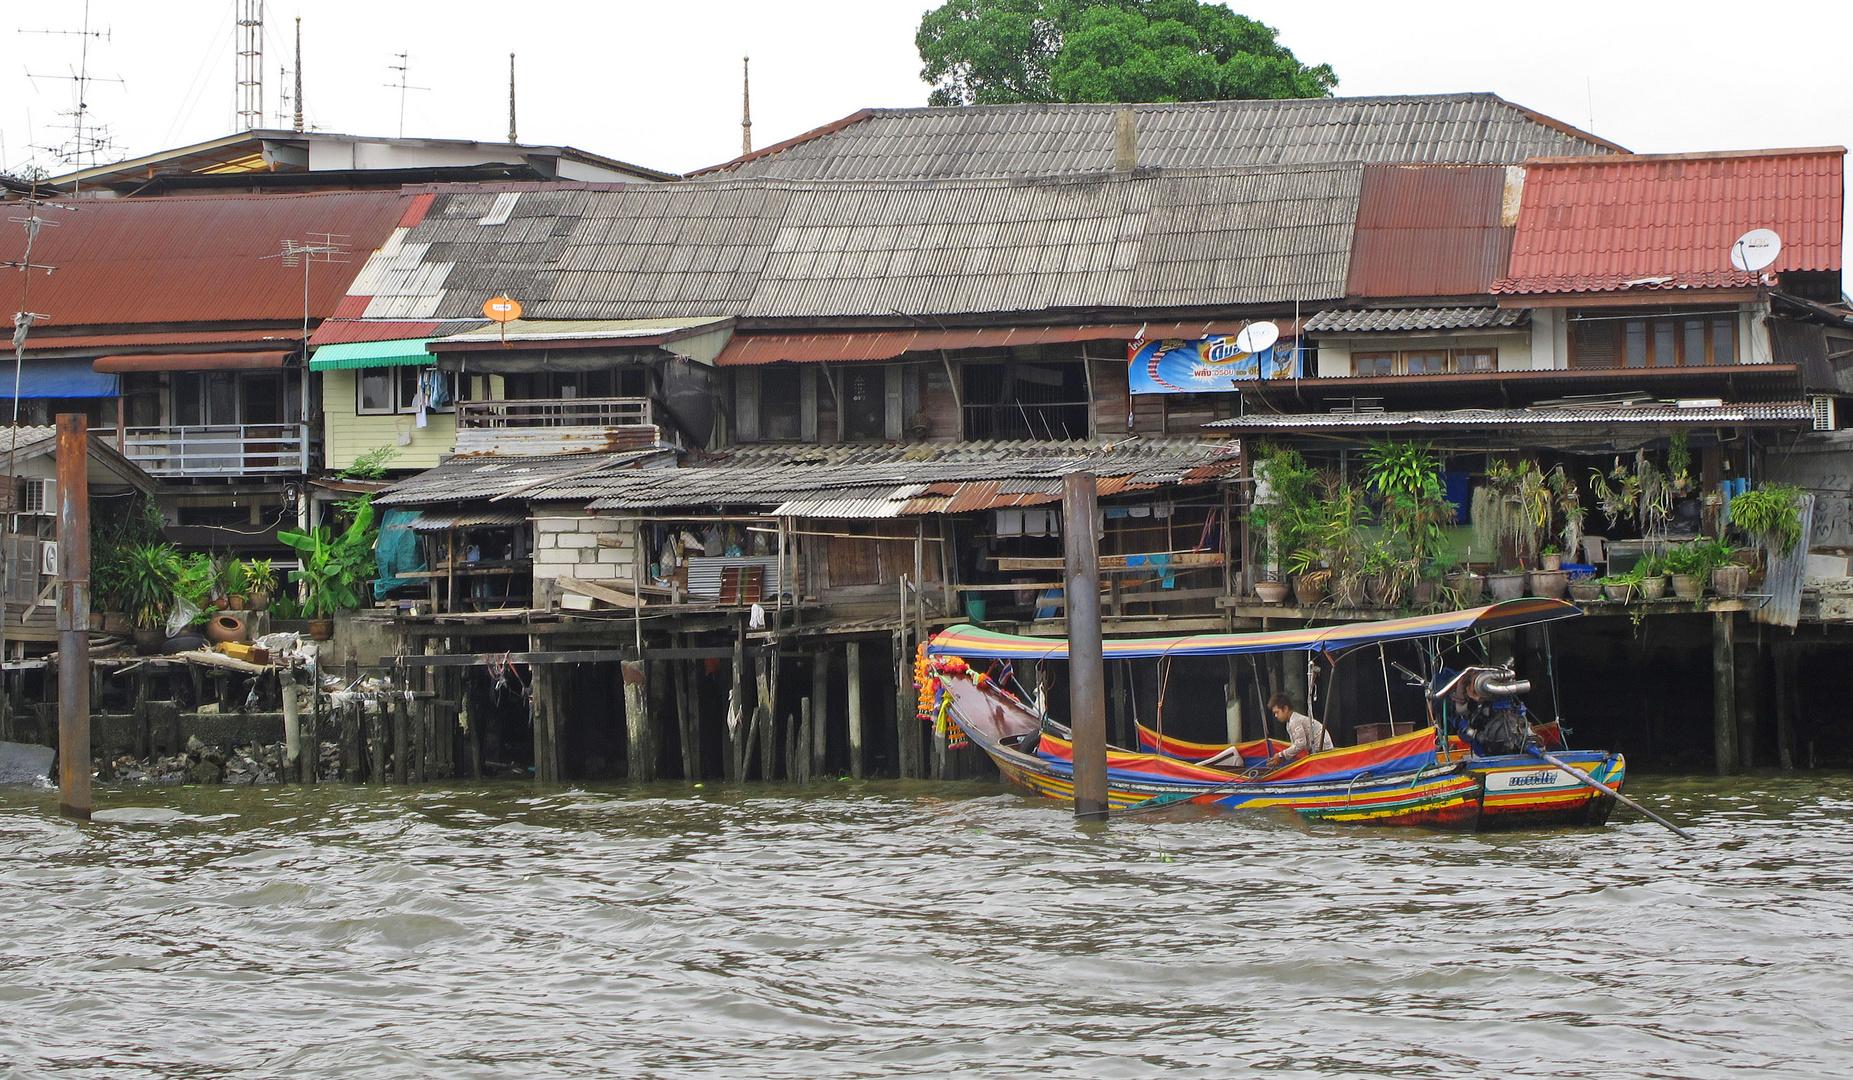 Leben am Fluss in Bangkok